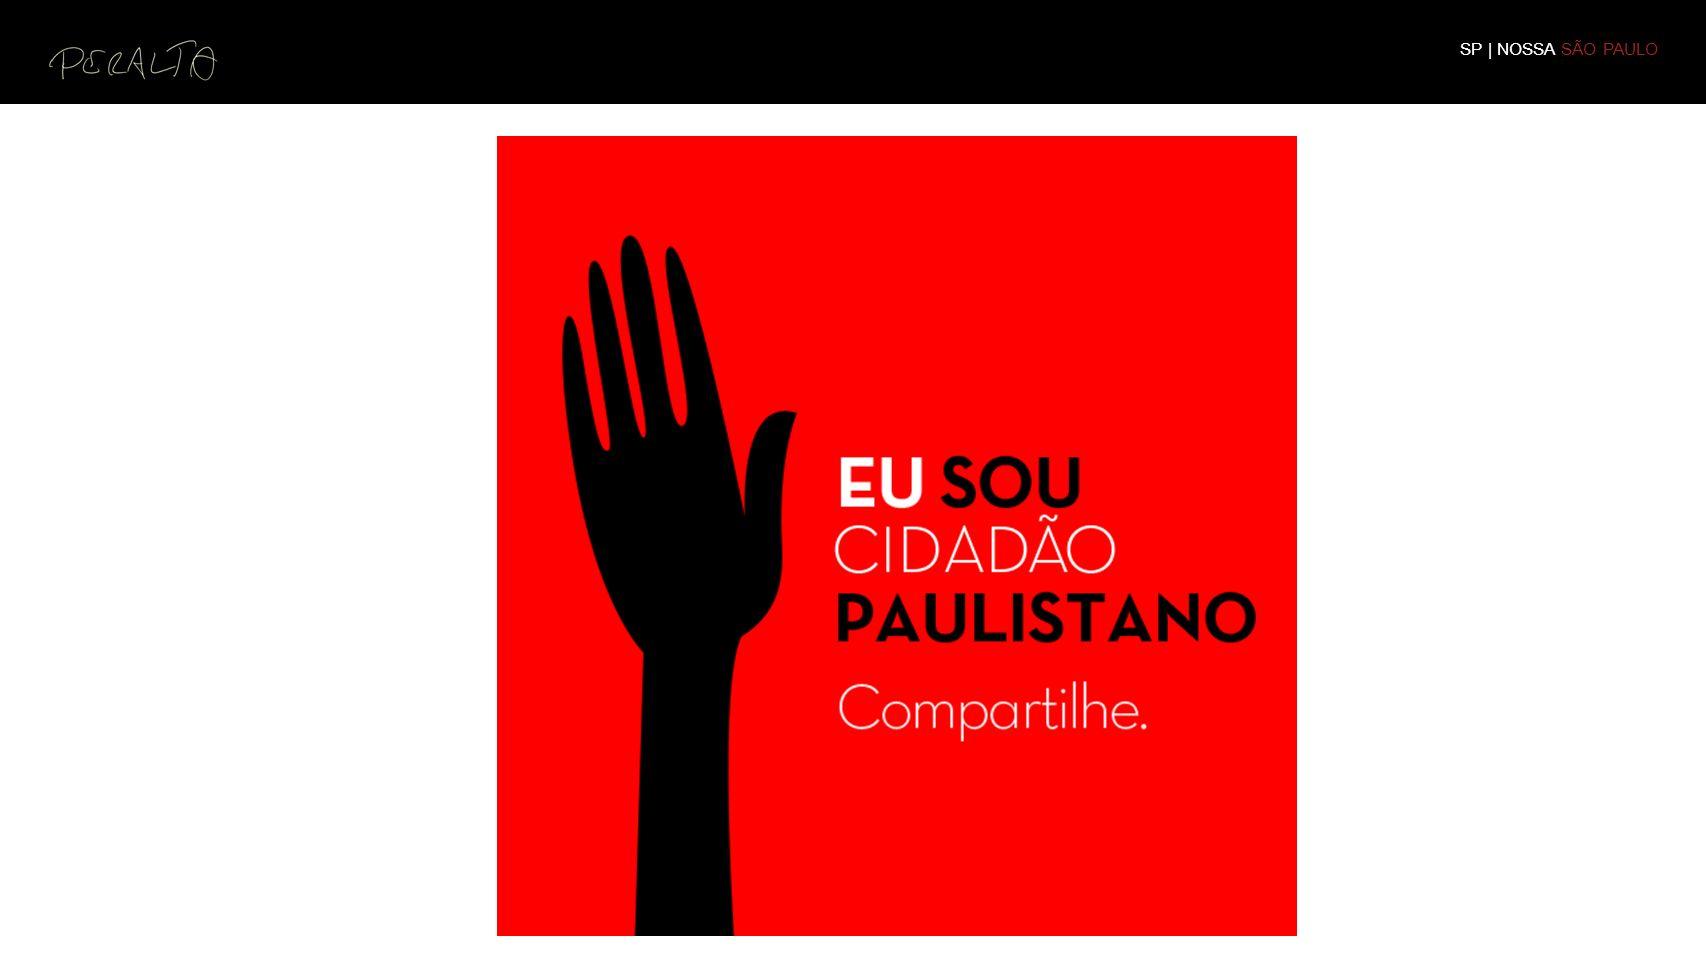 SP | NOSSA SÃO PAULO